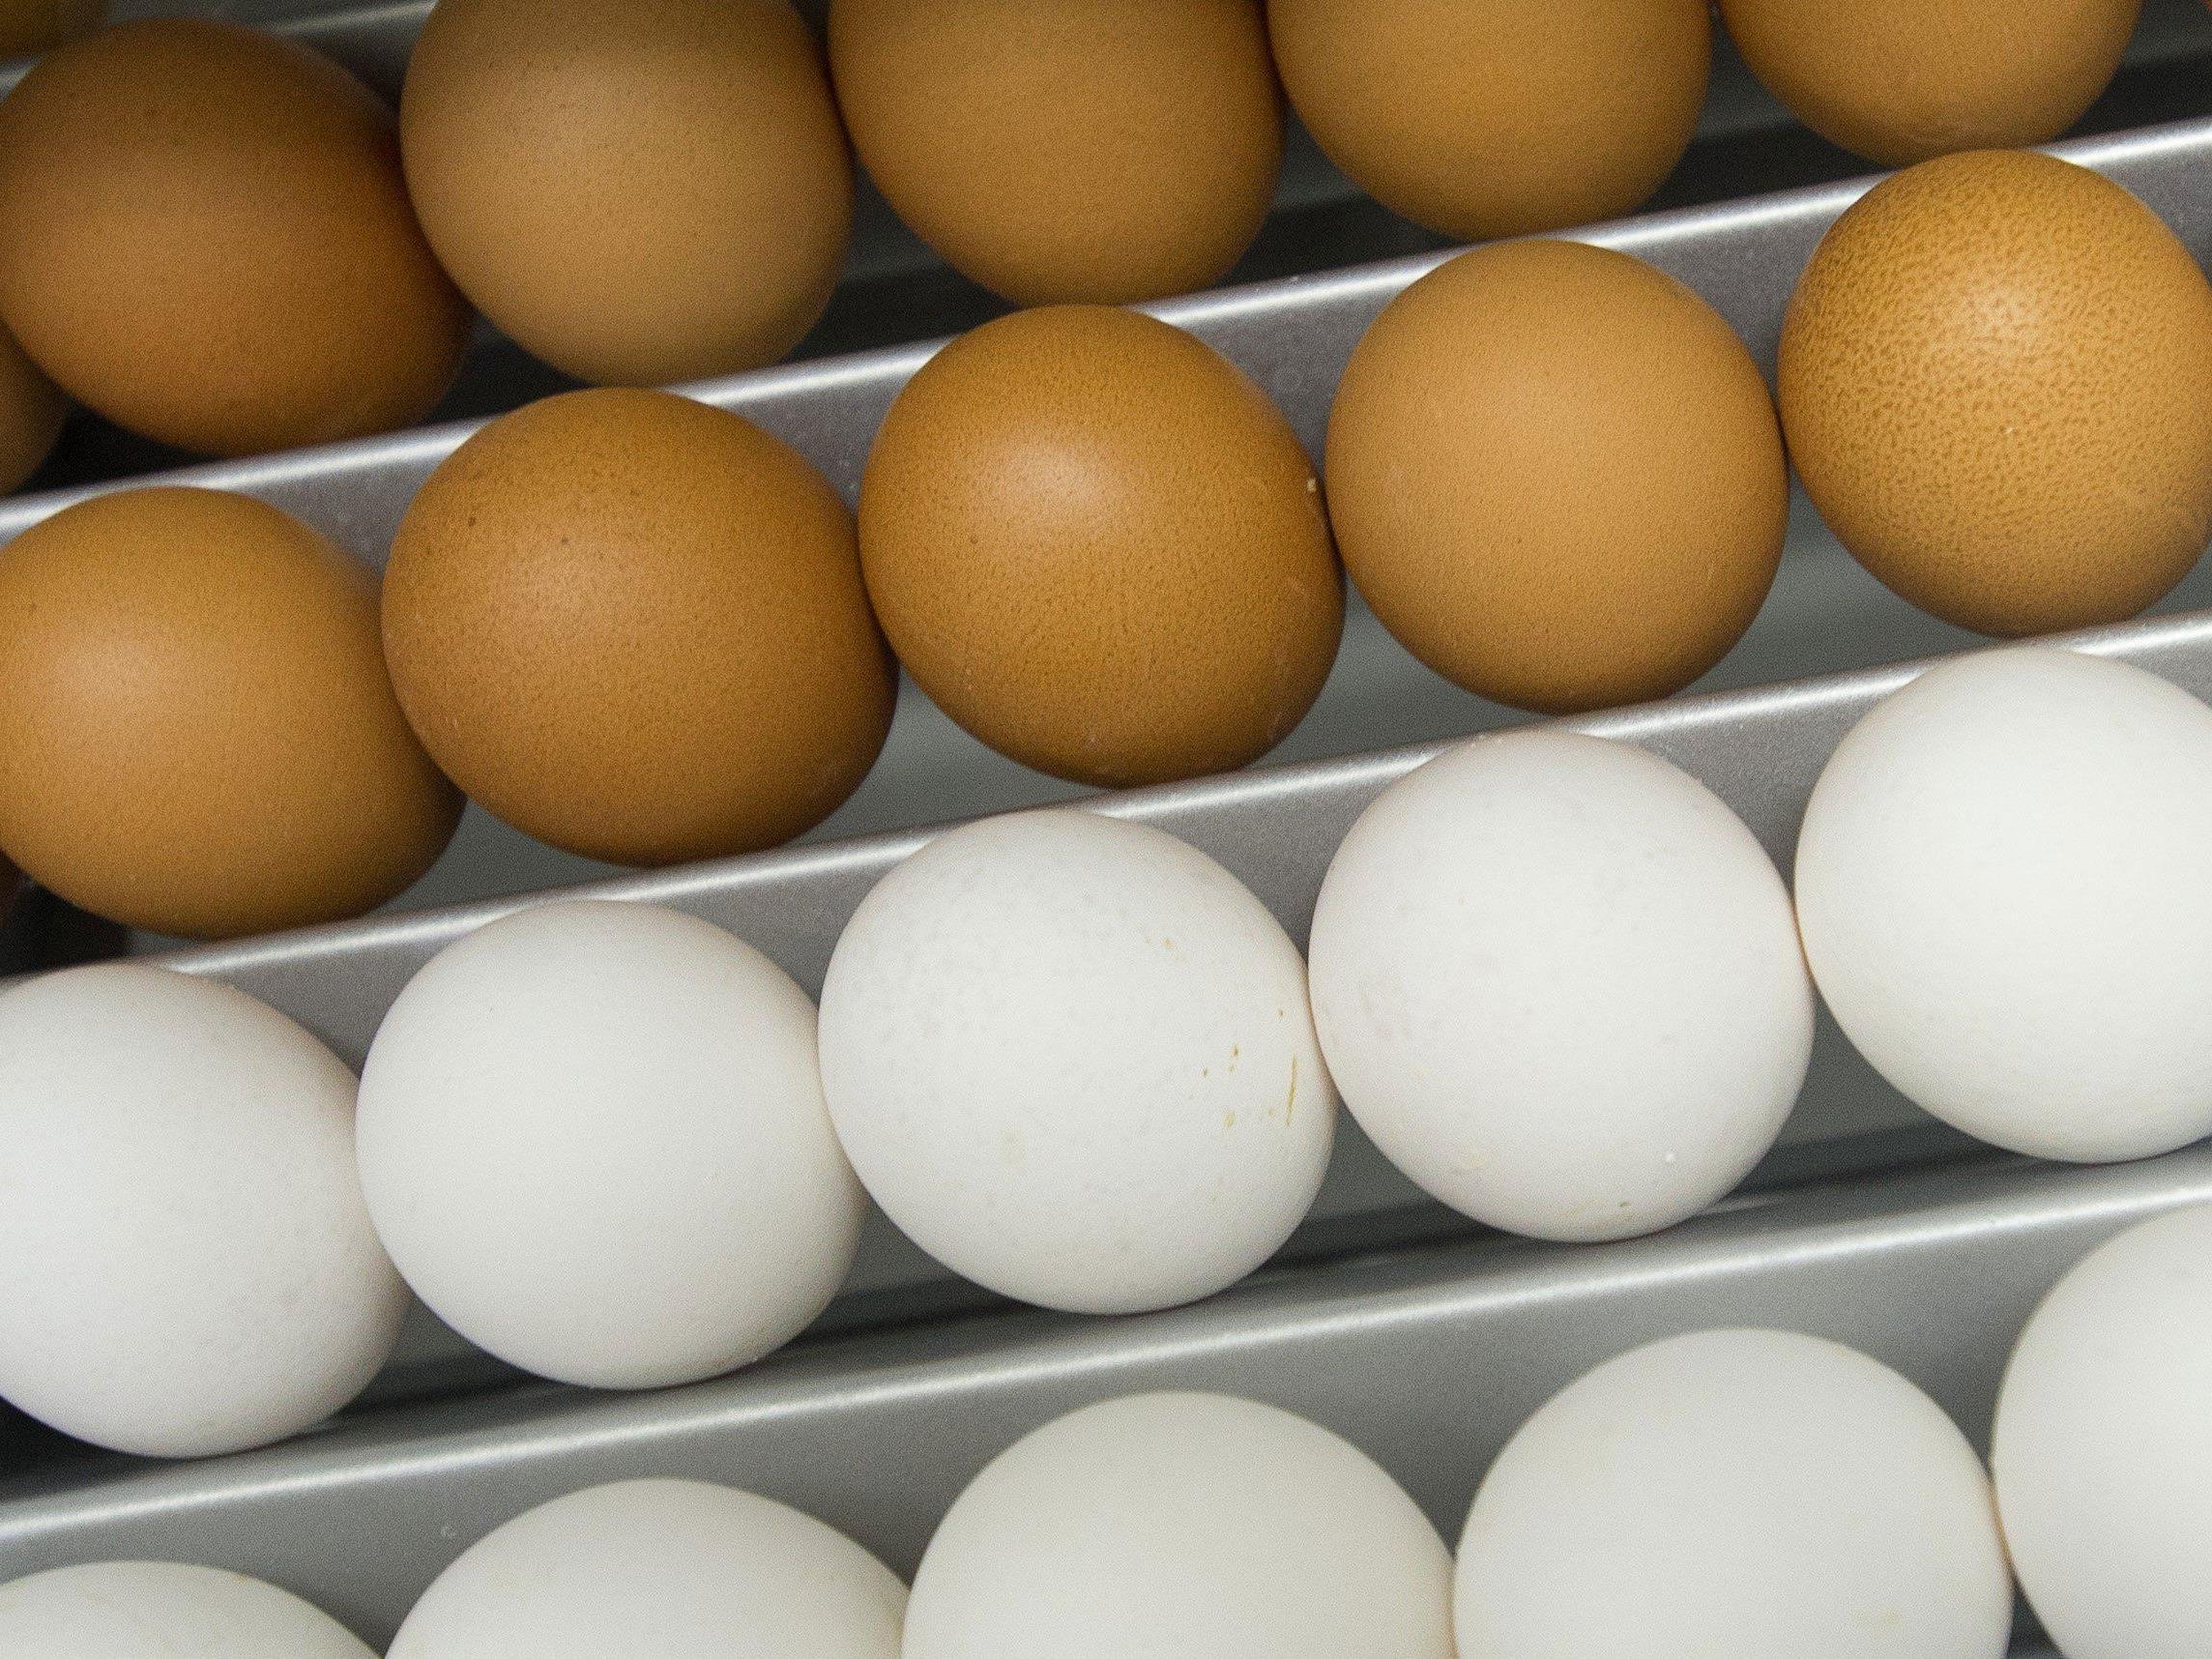 Spar ruft wegen Salmonellen-Verdachts seine Eier-Produkte zurück.